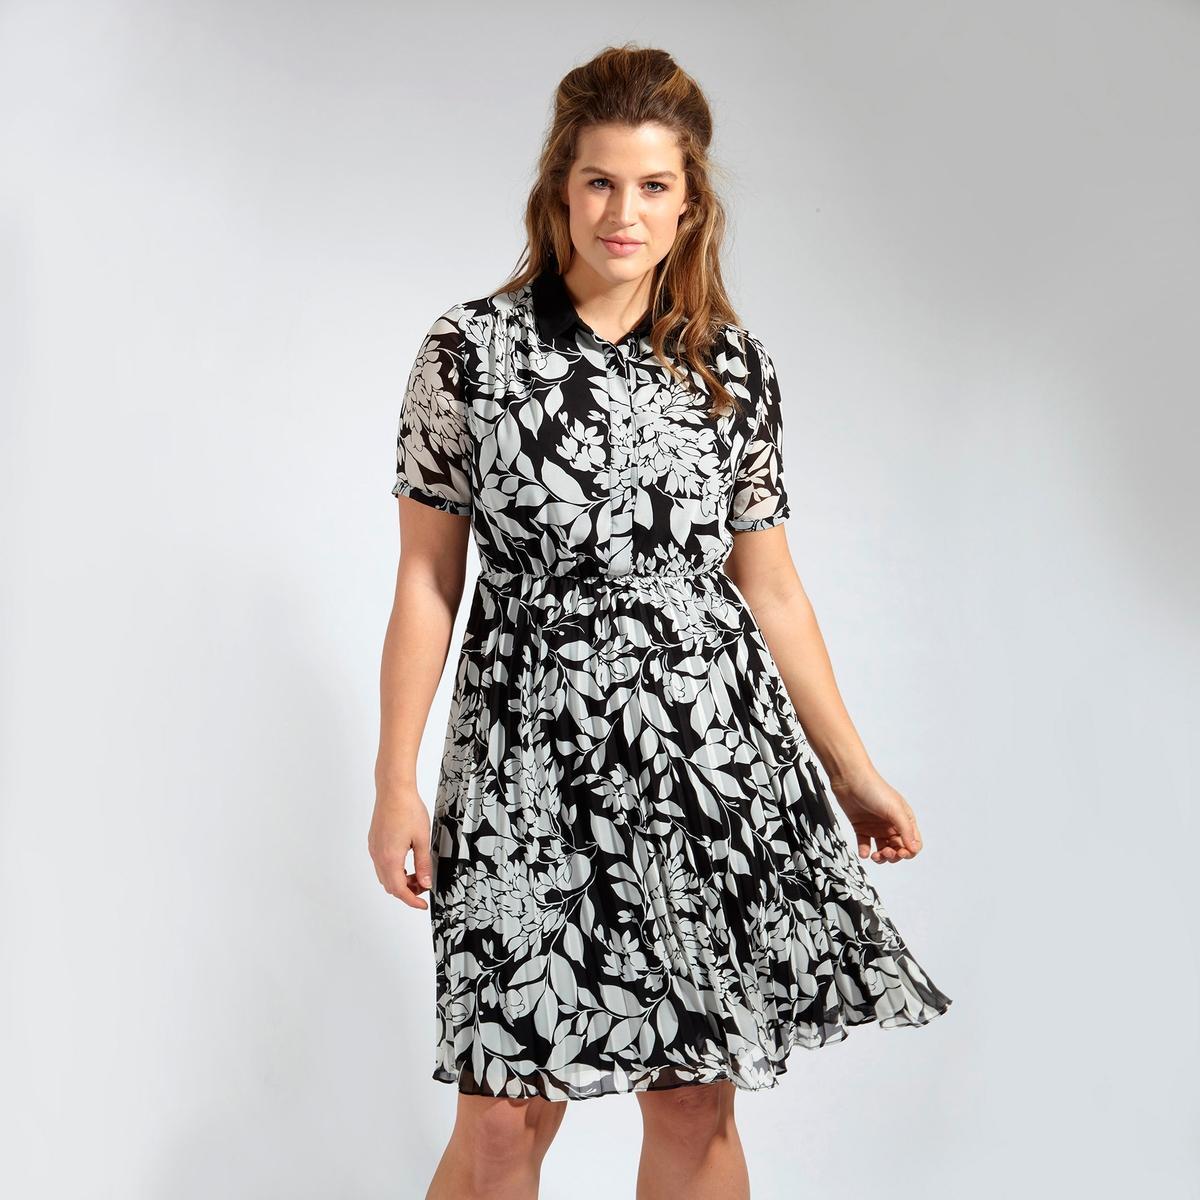 ПлатьеПлатье LOVEDROBE. Красивое платье с рубашечным воротником на пуговицах . Эффект плиссировки снизу . 100% полиэстер<br><br>Цвет: цветочный рисунок<br>Размер: 50/52 (FR) - 56/58 (RUS).48 (FR) - 54 (RUS)